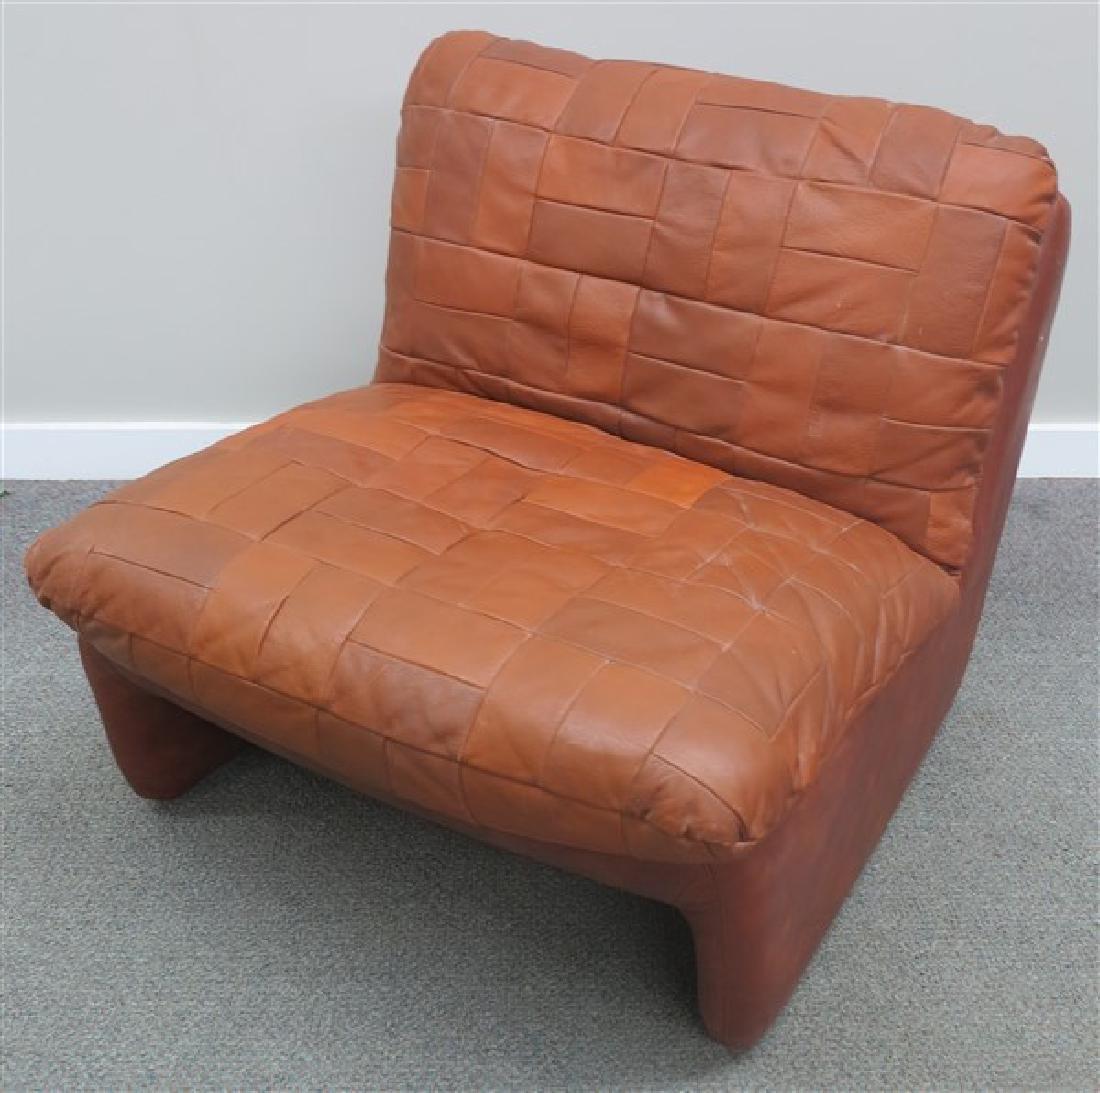 2 Modern Chairs